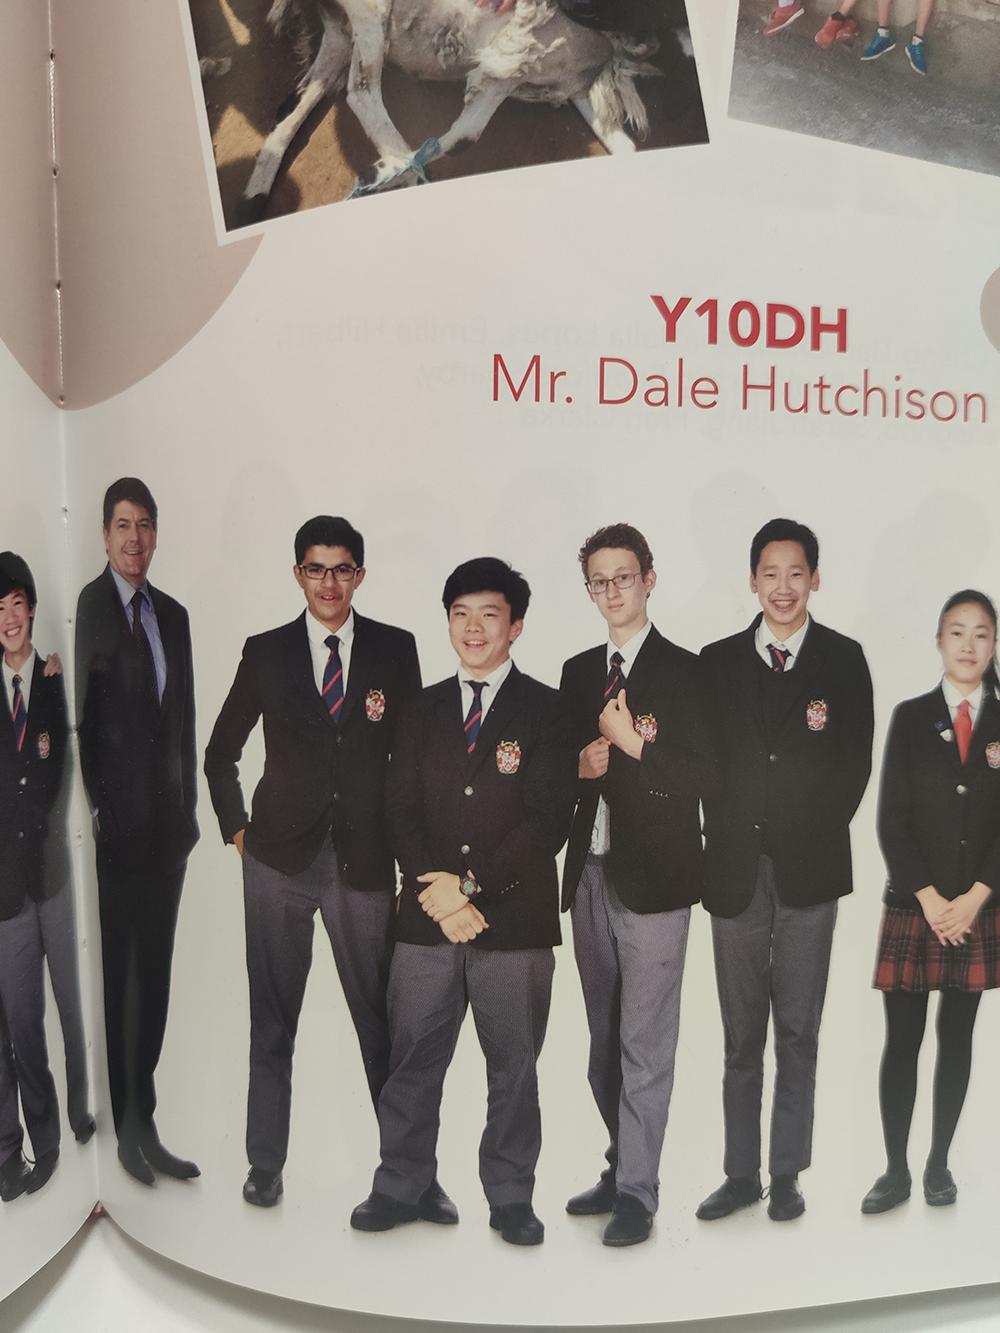 2018: Derek with Year 10 classmates